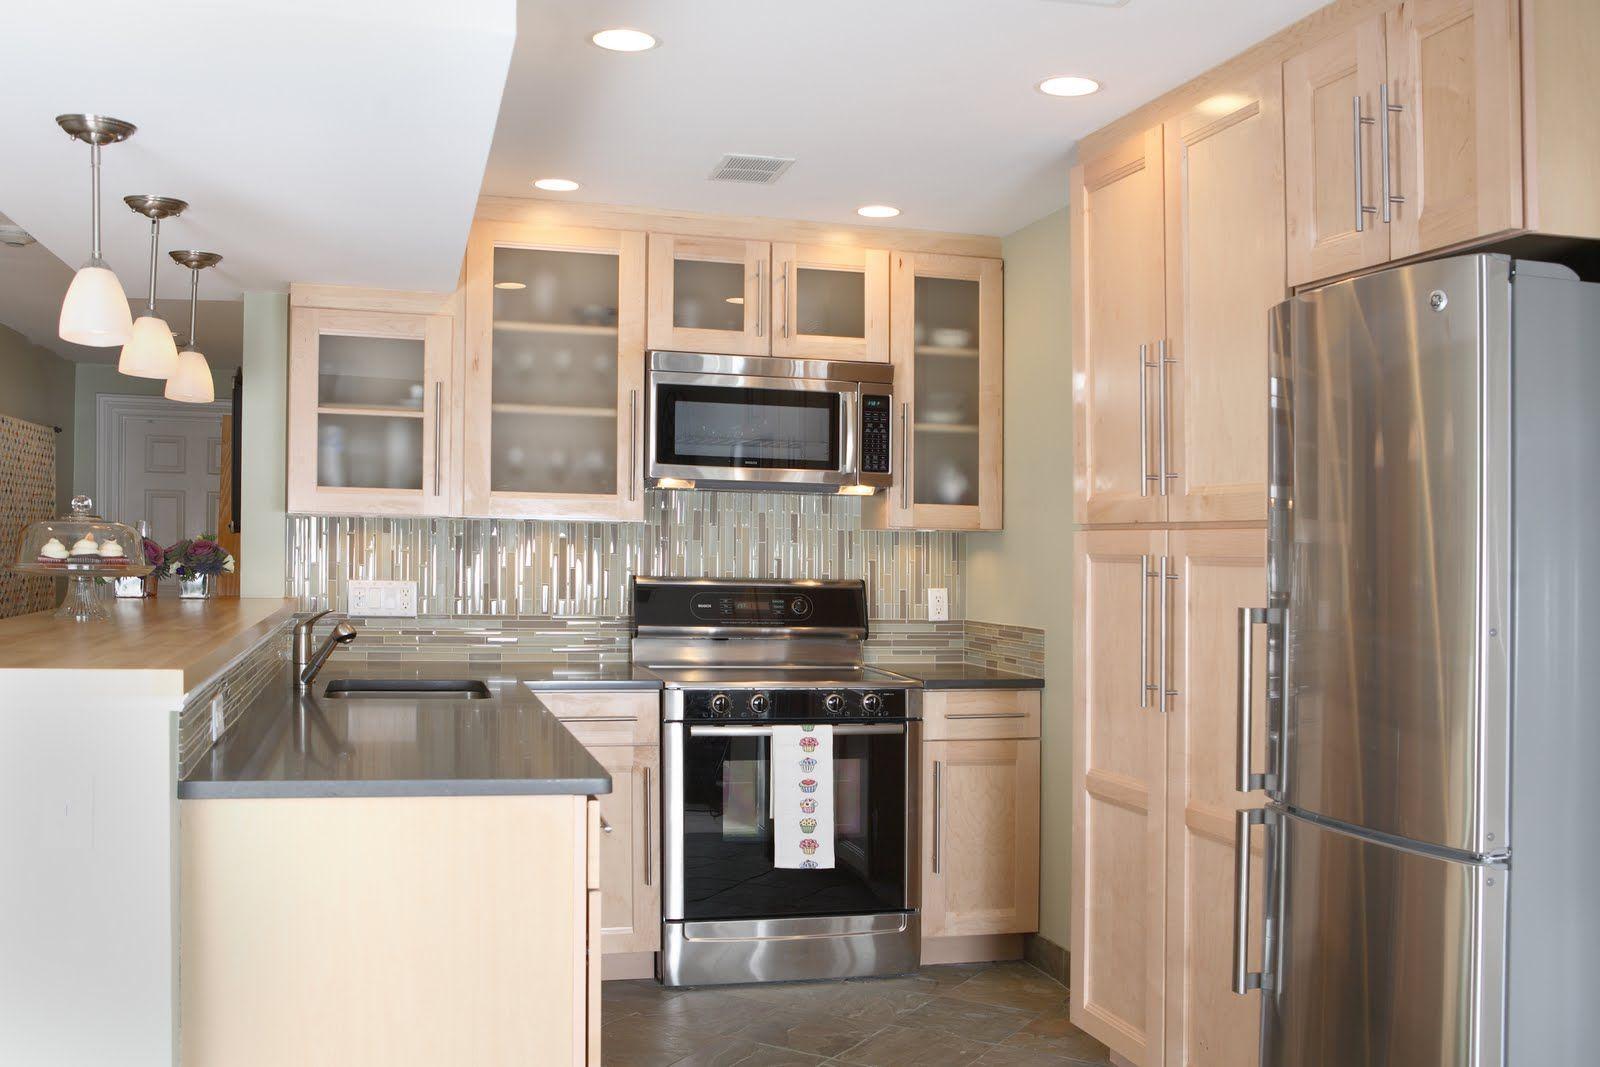 Save Small Condo Kitchen Remodeling Ideas Small Condo Kitchen